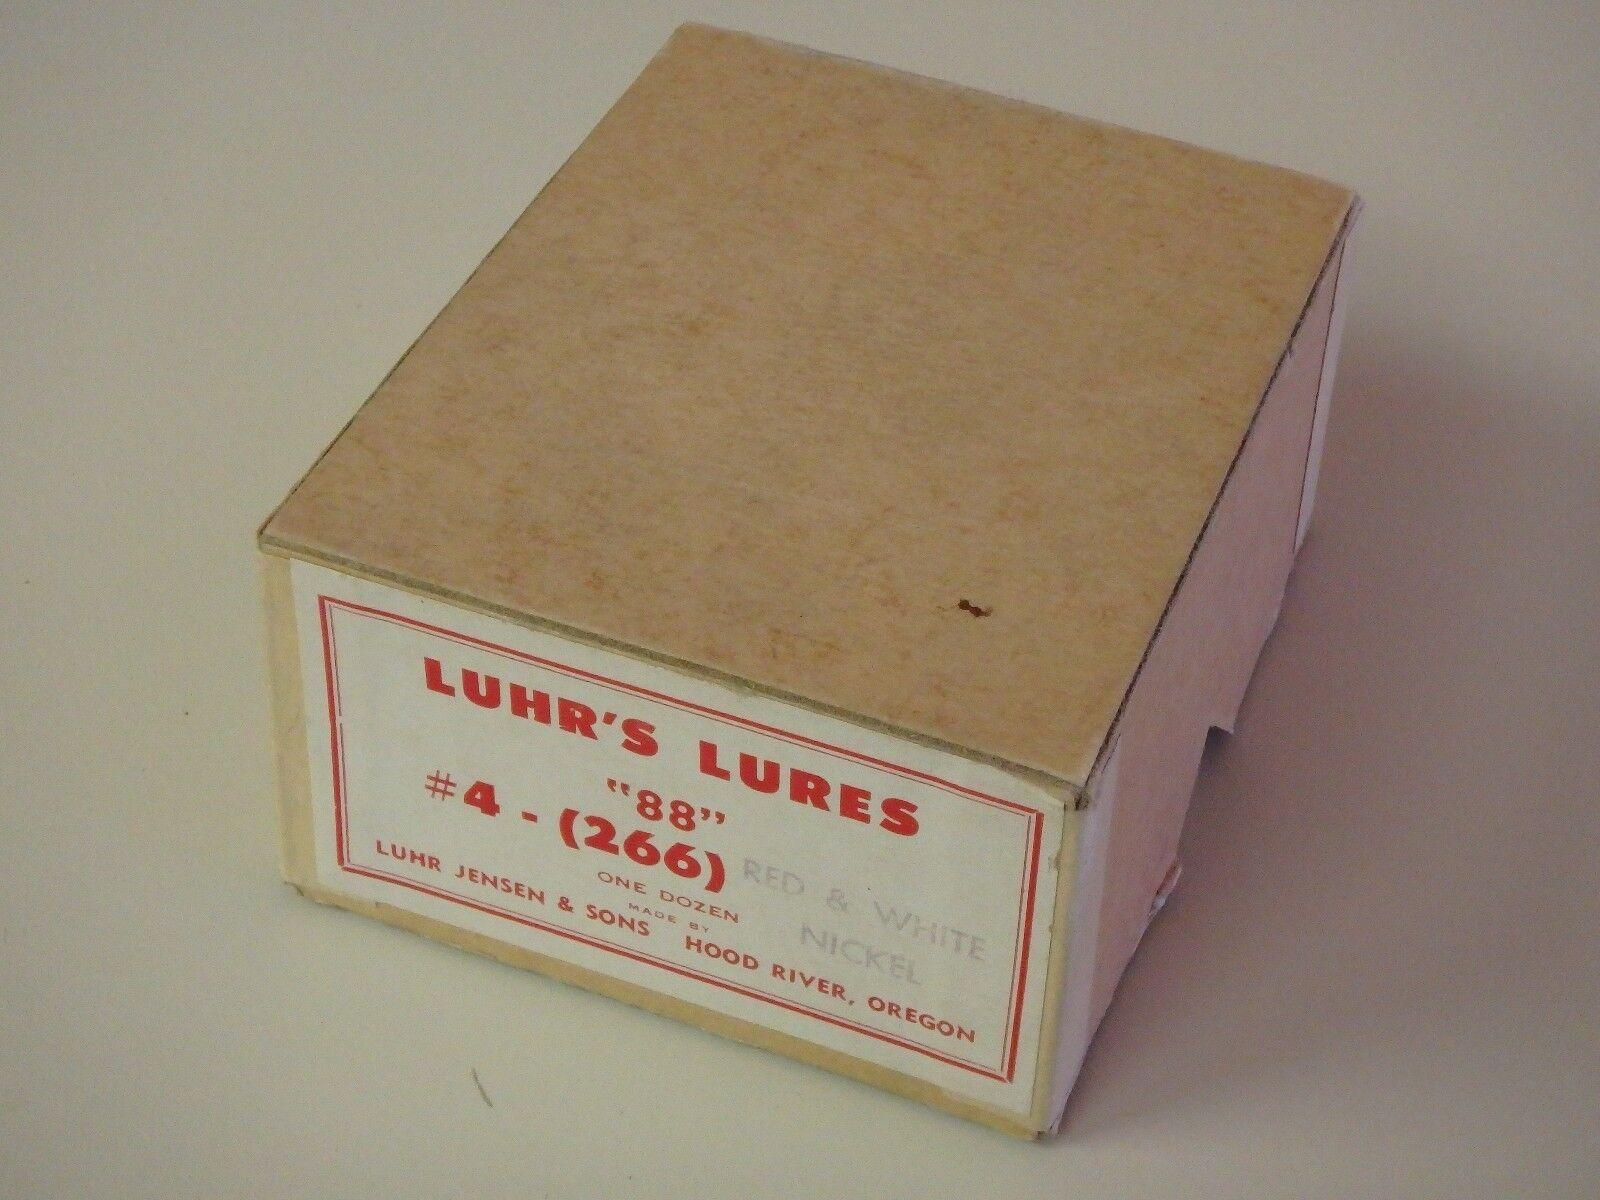 Vintage  Luhr Jensen & Sons Luhr's Lures  88  Dealer Box Daredevil Paint Job  world famous sale online